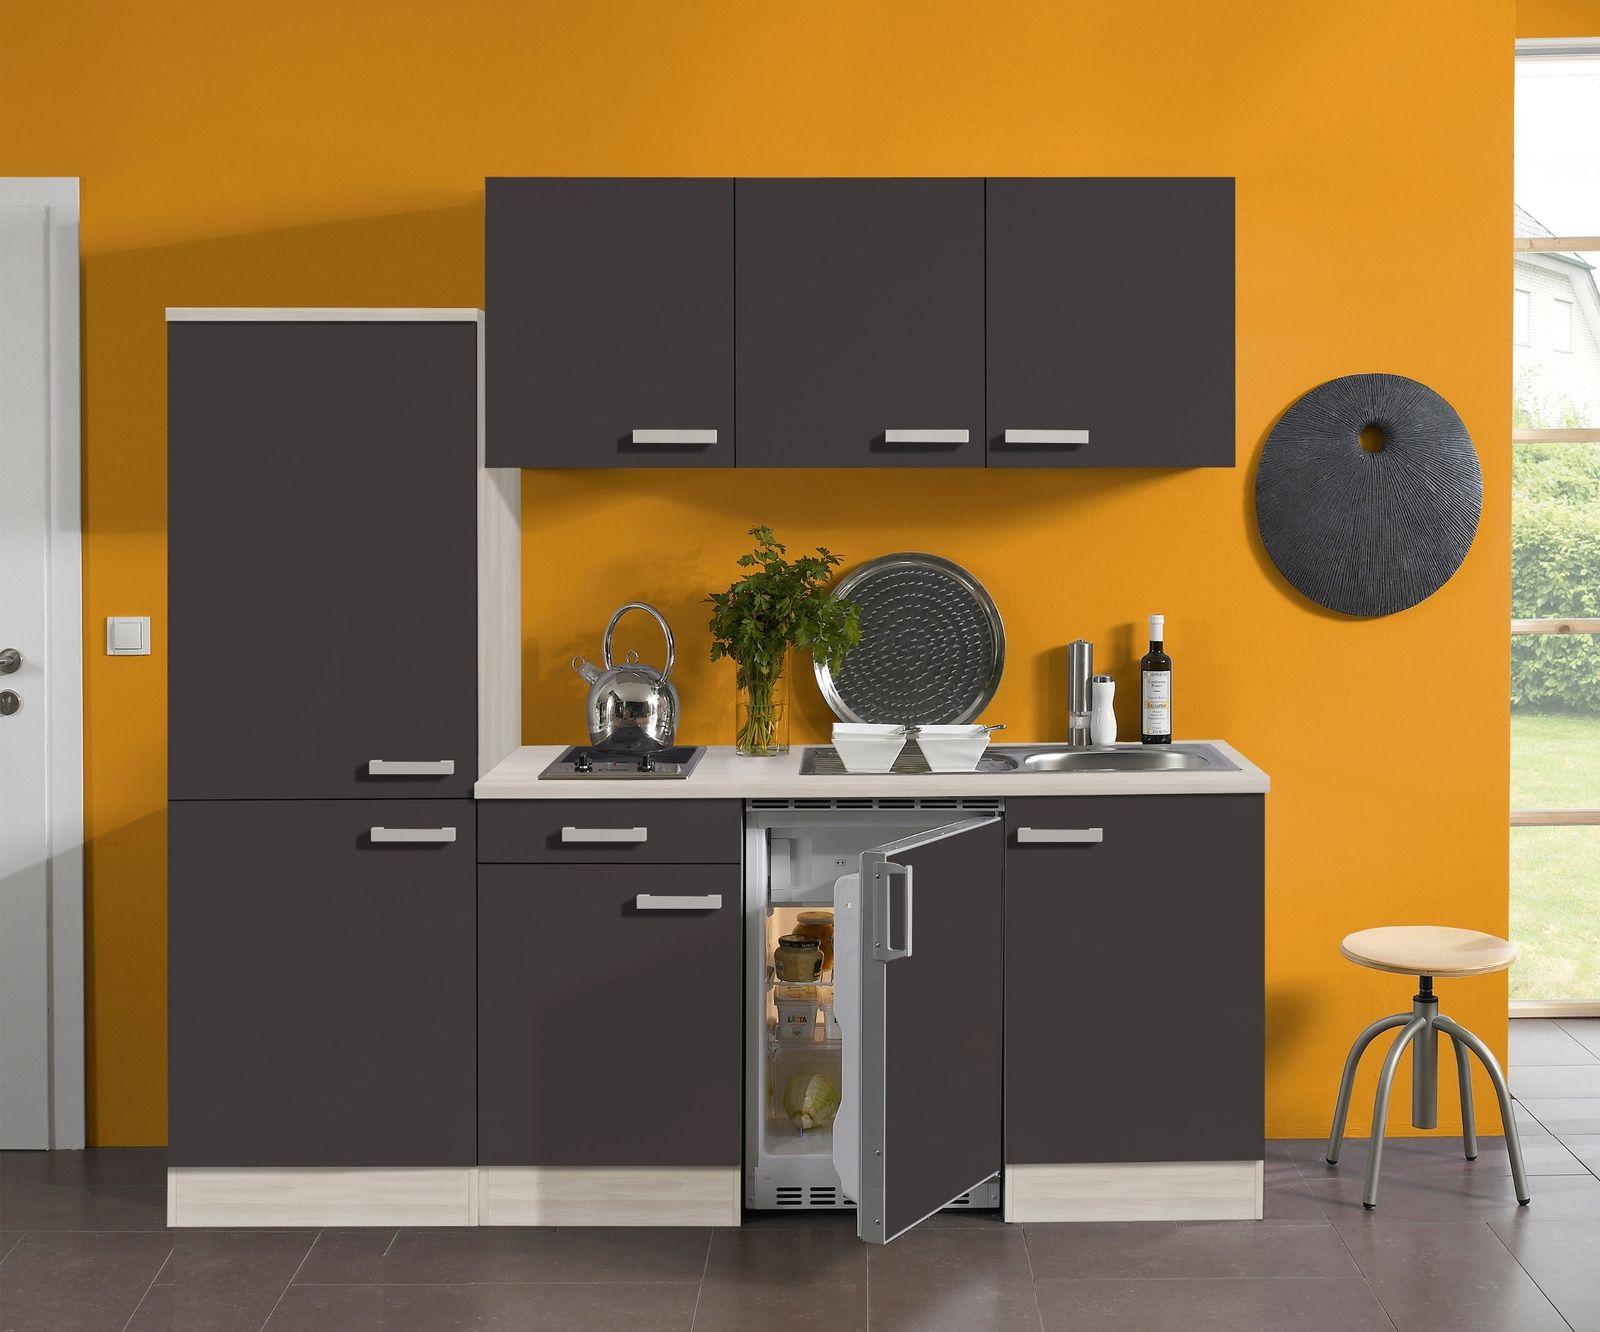 Full Size of Roller Miniküche Pantrykche Mehr Als 1000 Angebote Regale Ikea Stengel Mit Kühlschrank Wohnzimmer Roller Miniküche